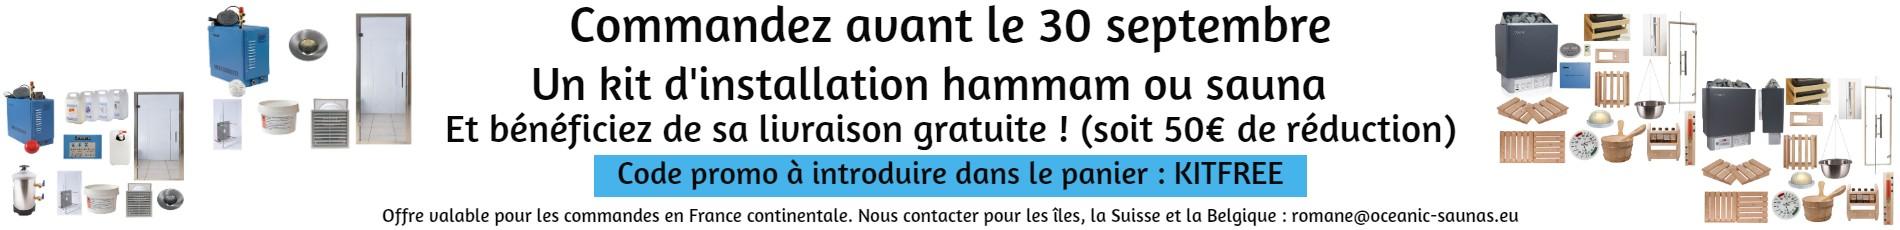 Livraison gratuite des kits hammam et sauna, en France continentale - code promo: KITFREE